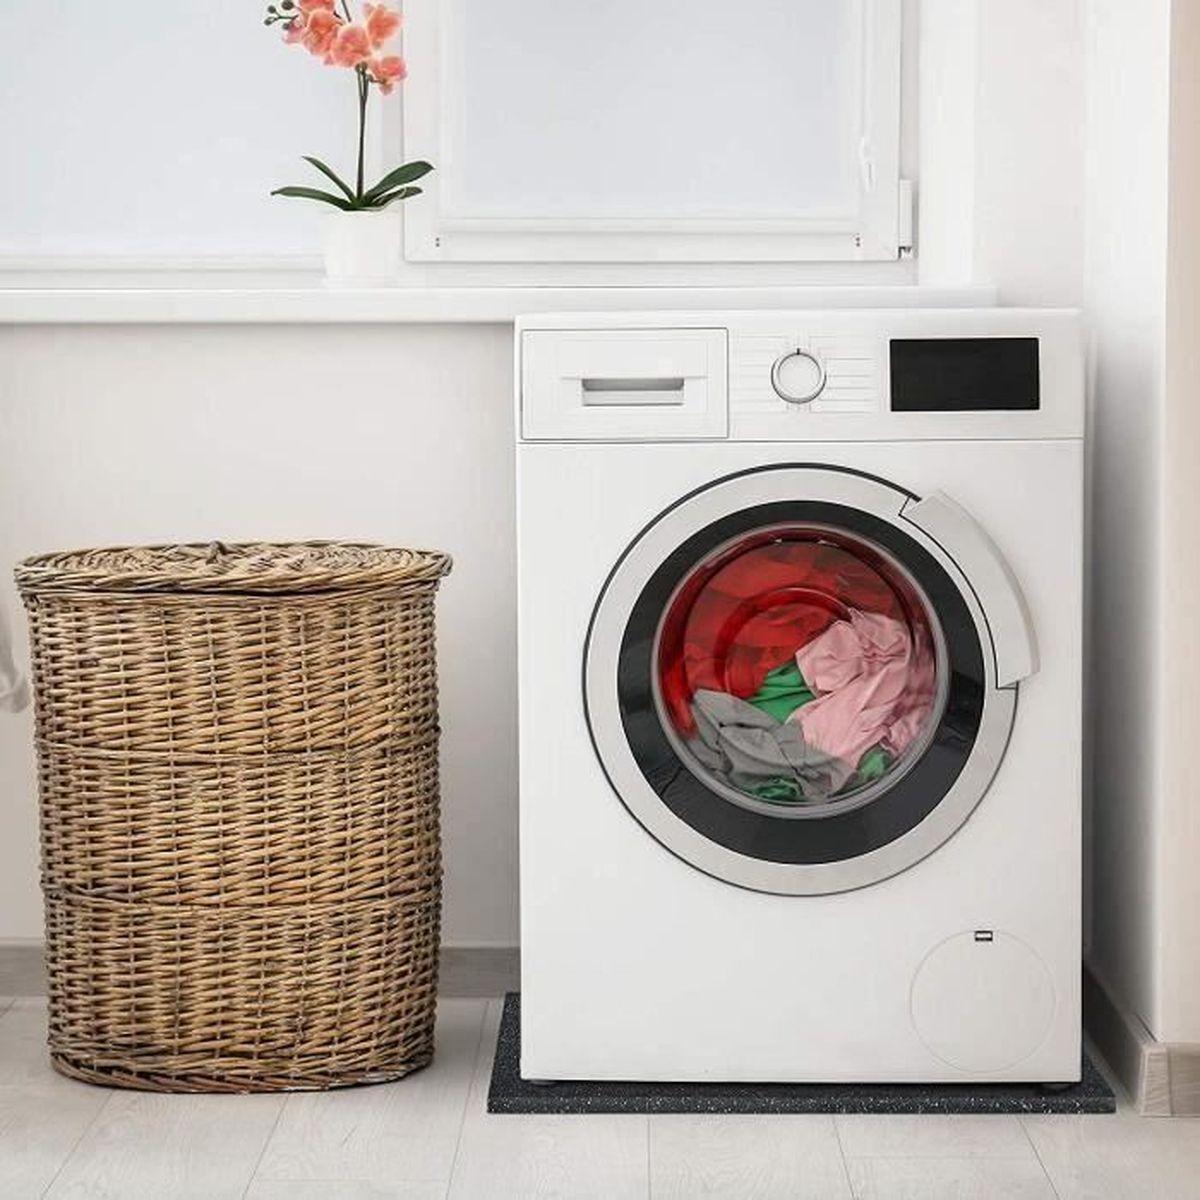 Machine À Laver Et Sèche Linge Intégré anti vibration pour machine à laver/sèche linge | épaisseur 2cm | attenue  les vibrations - évite dérapage | isolant accou